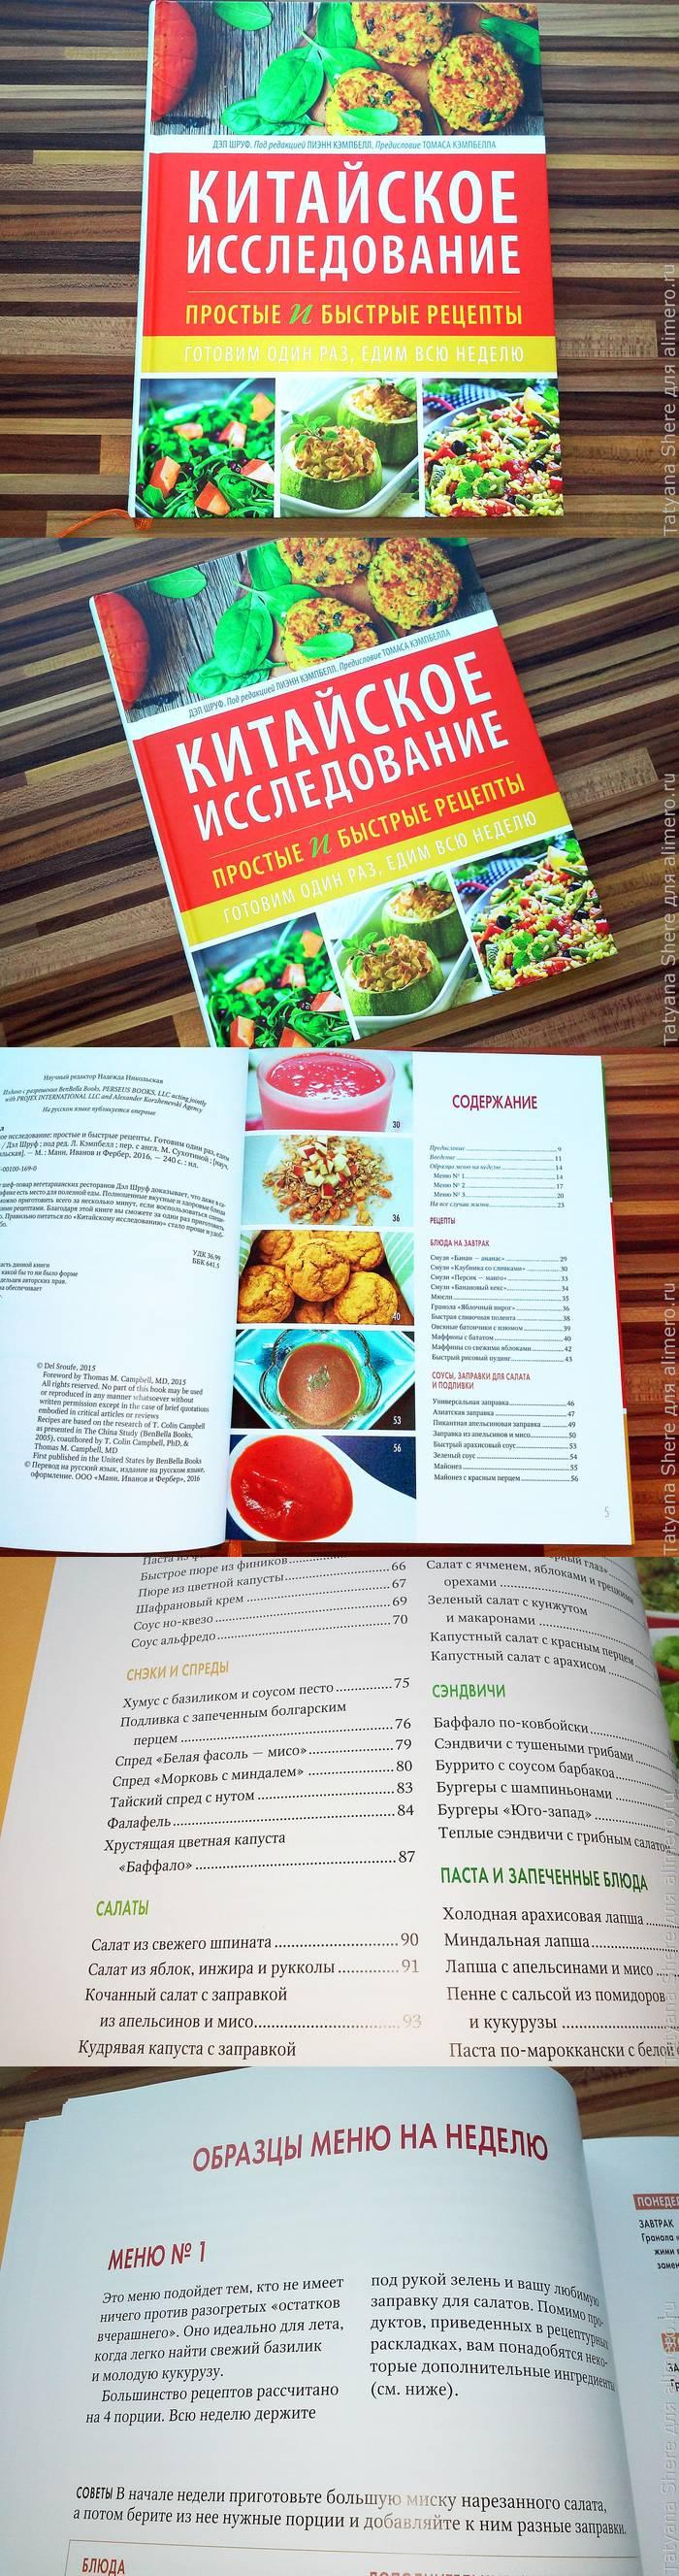 Китайское исследование. Простые и быстрые рецепты. Отзыв на книгу.